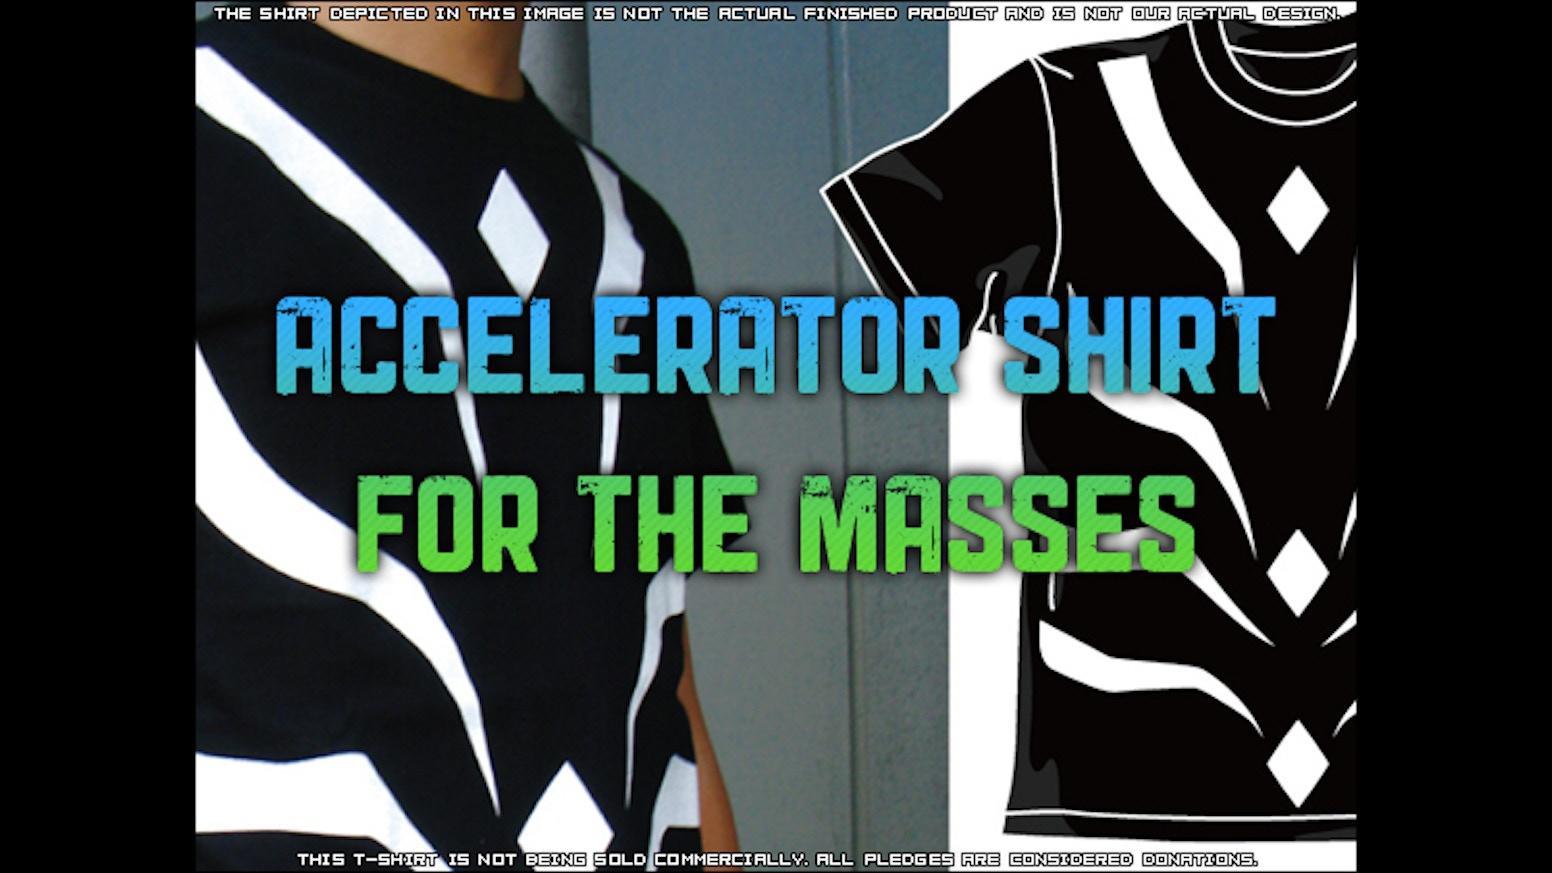 Shirt design jacksonville fl - Accelerator Shirt For The Masses